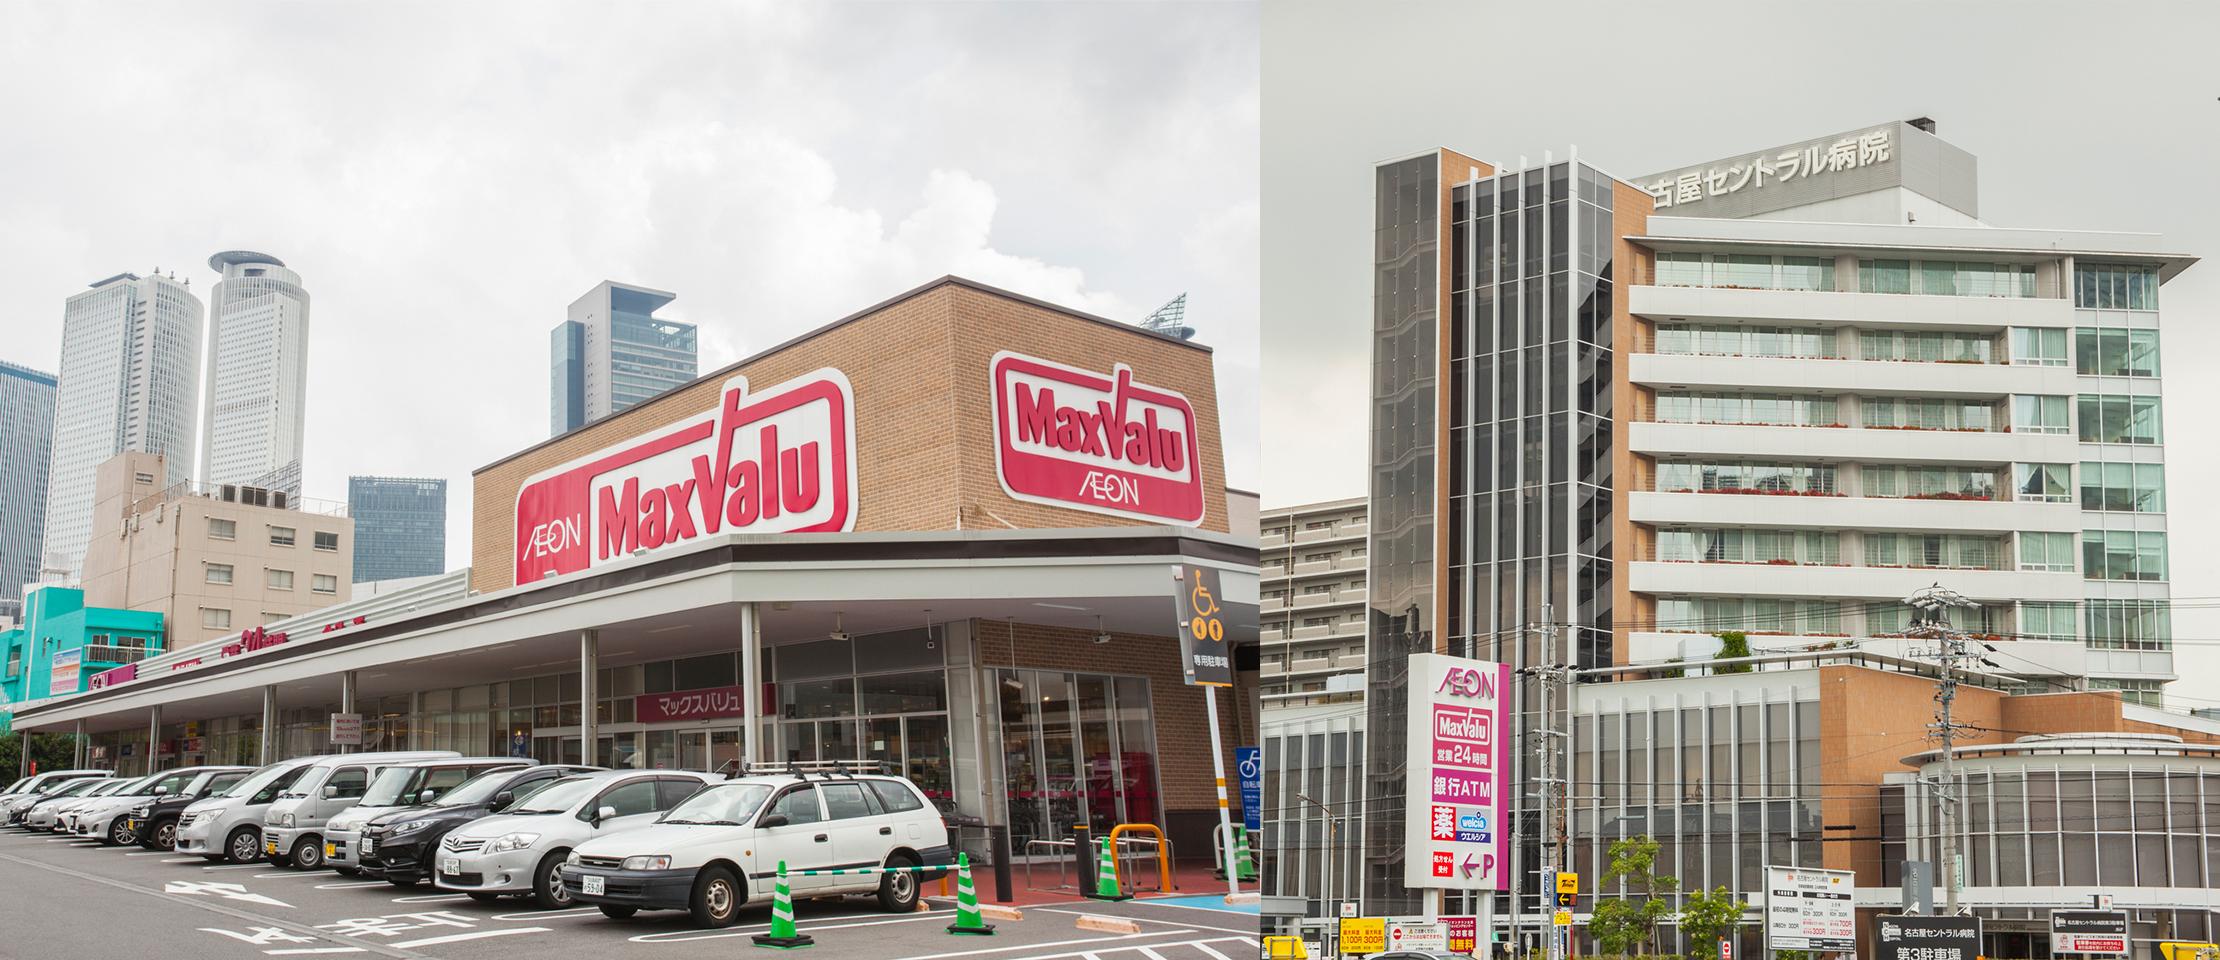 (左)大型スーパー「マックスバリュ太閤店」や(右)総合病院「名古屋セントラル病院」までは「ロイヤルパークスERささしま」徒歩11分ほど